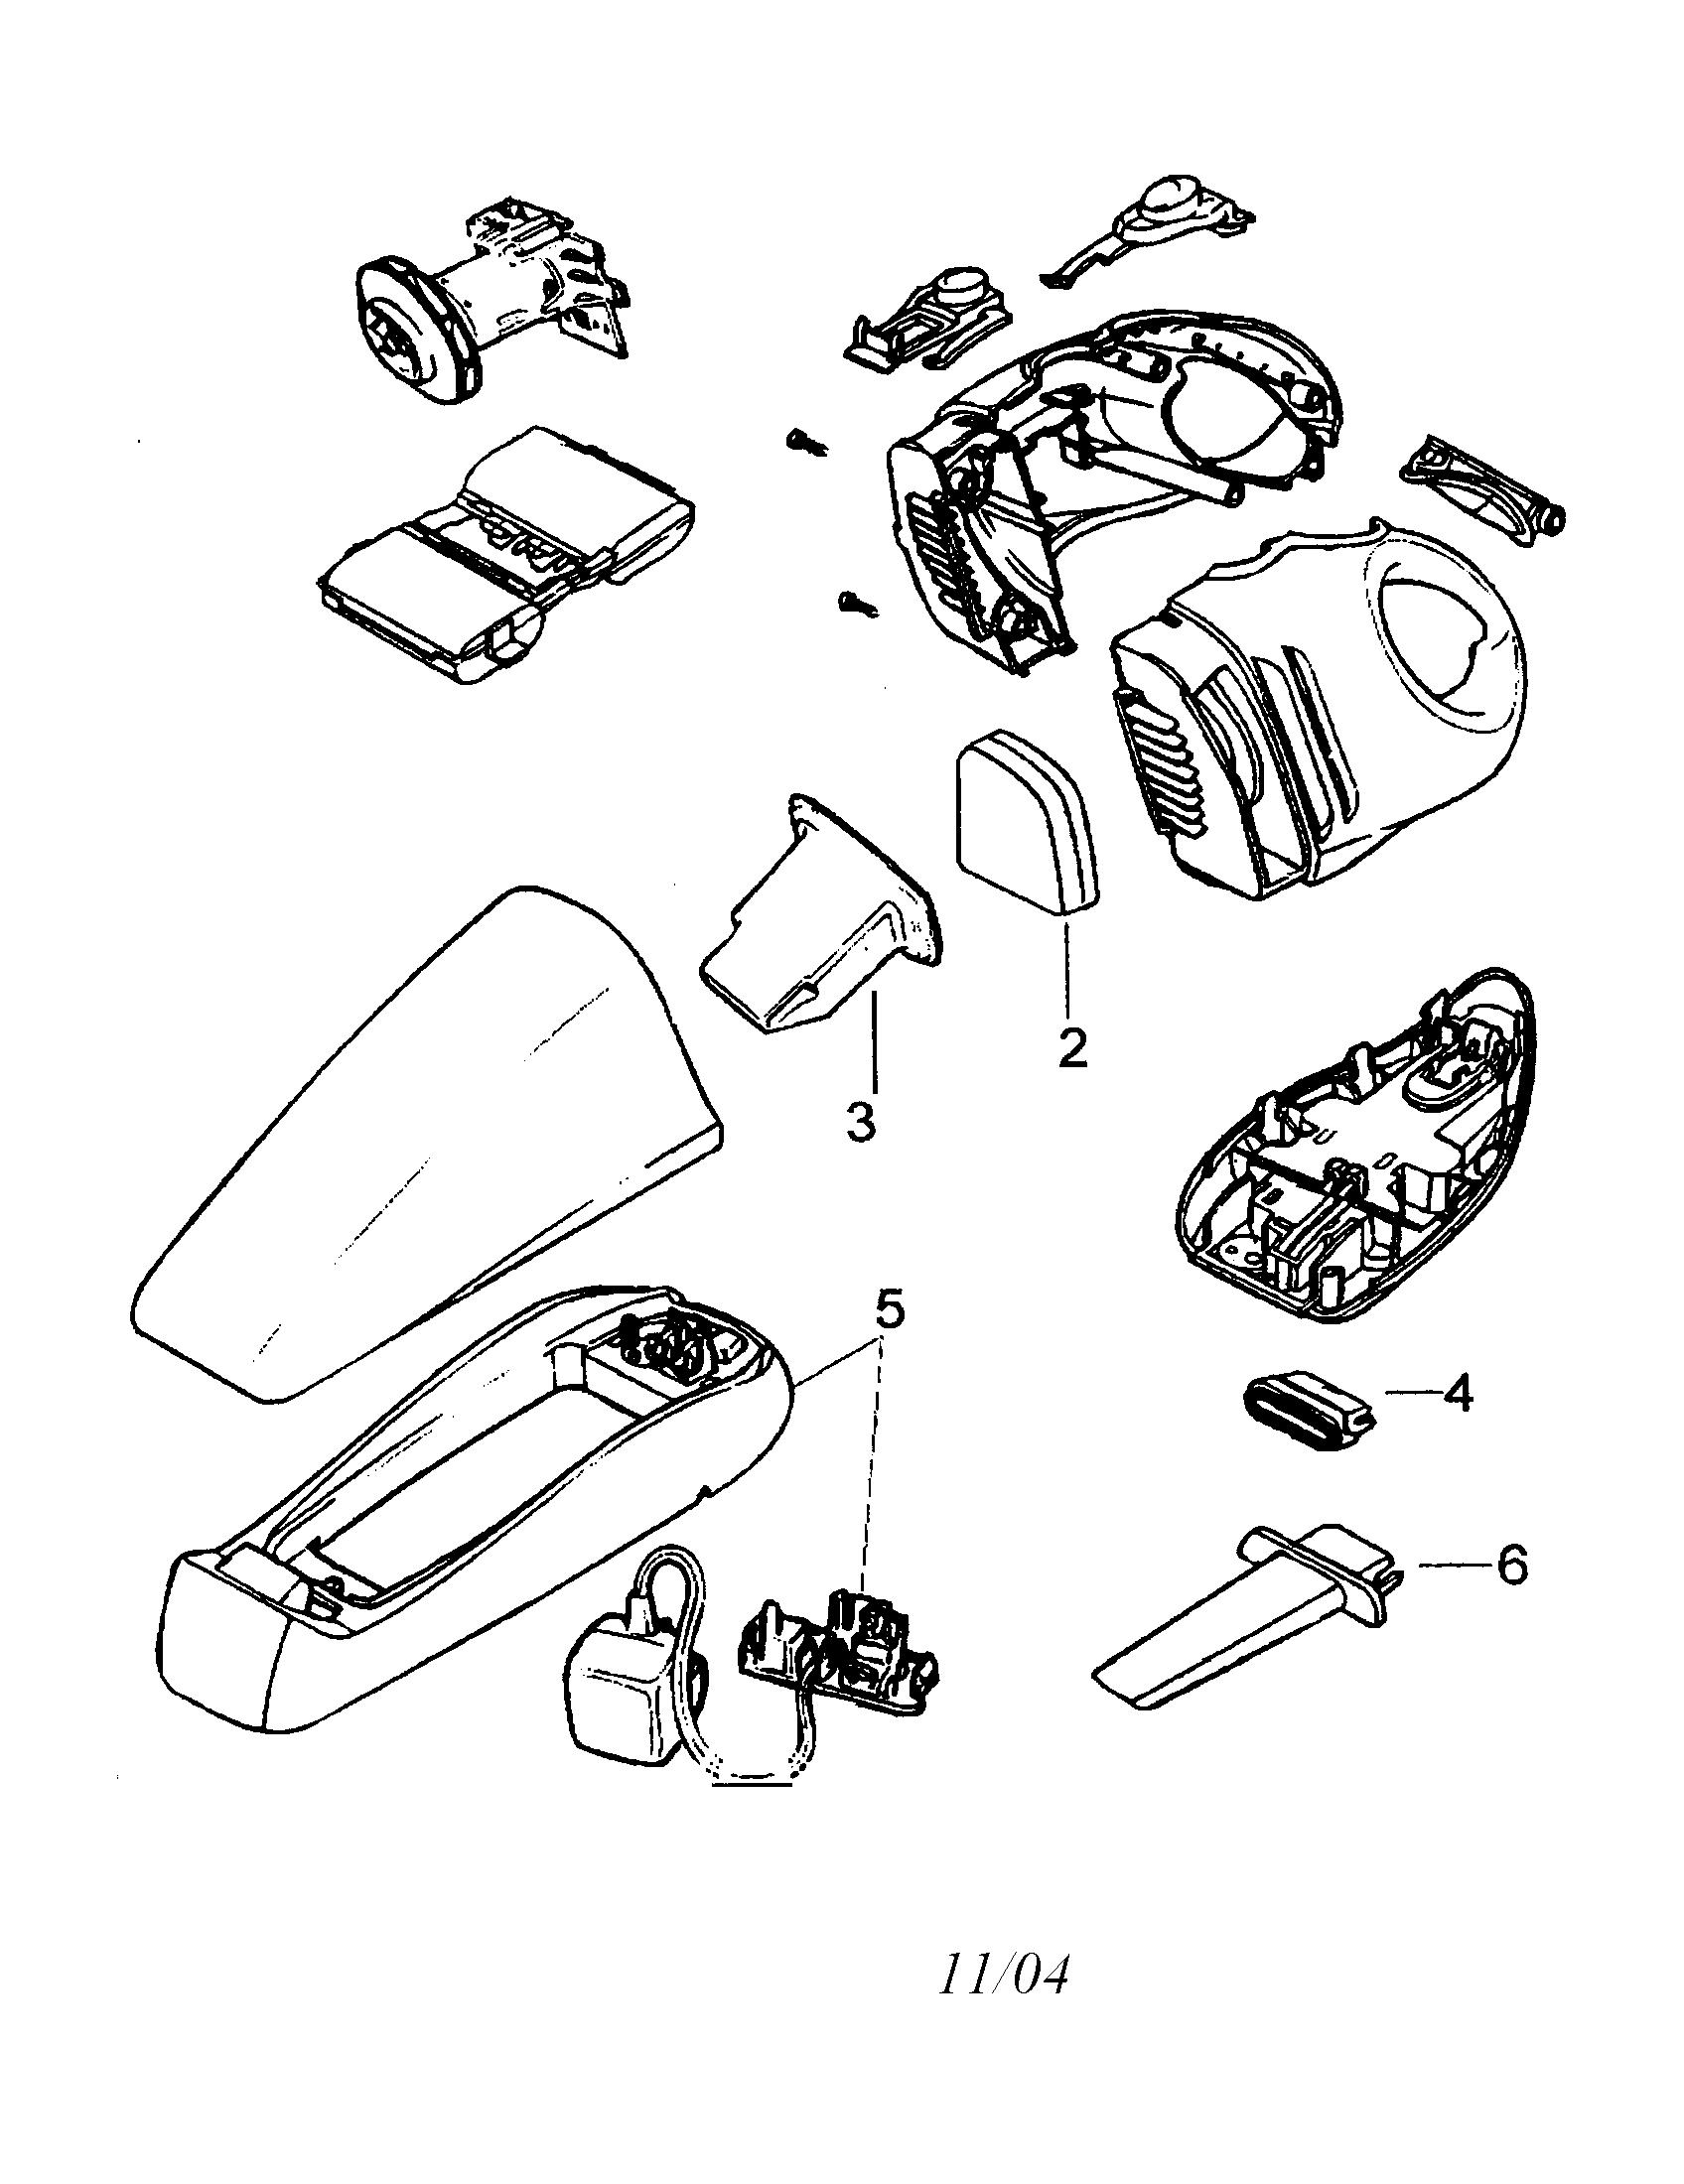 Black decker parts on Shoppinder